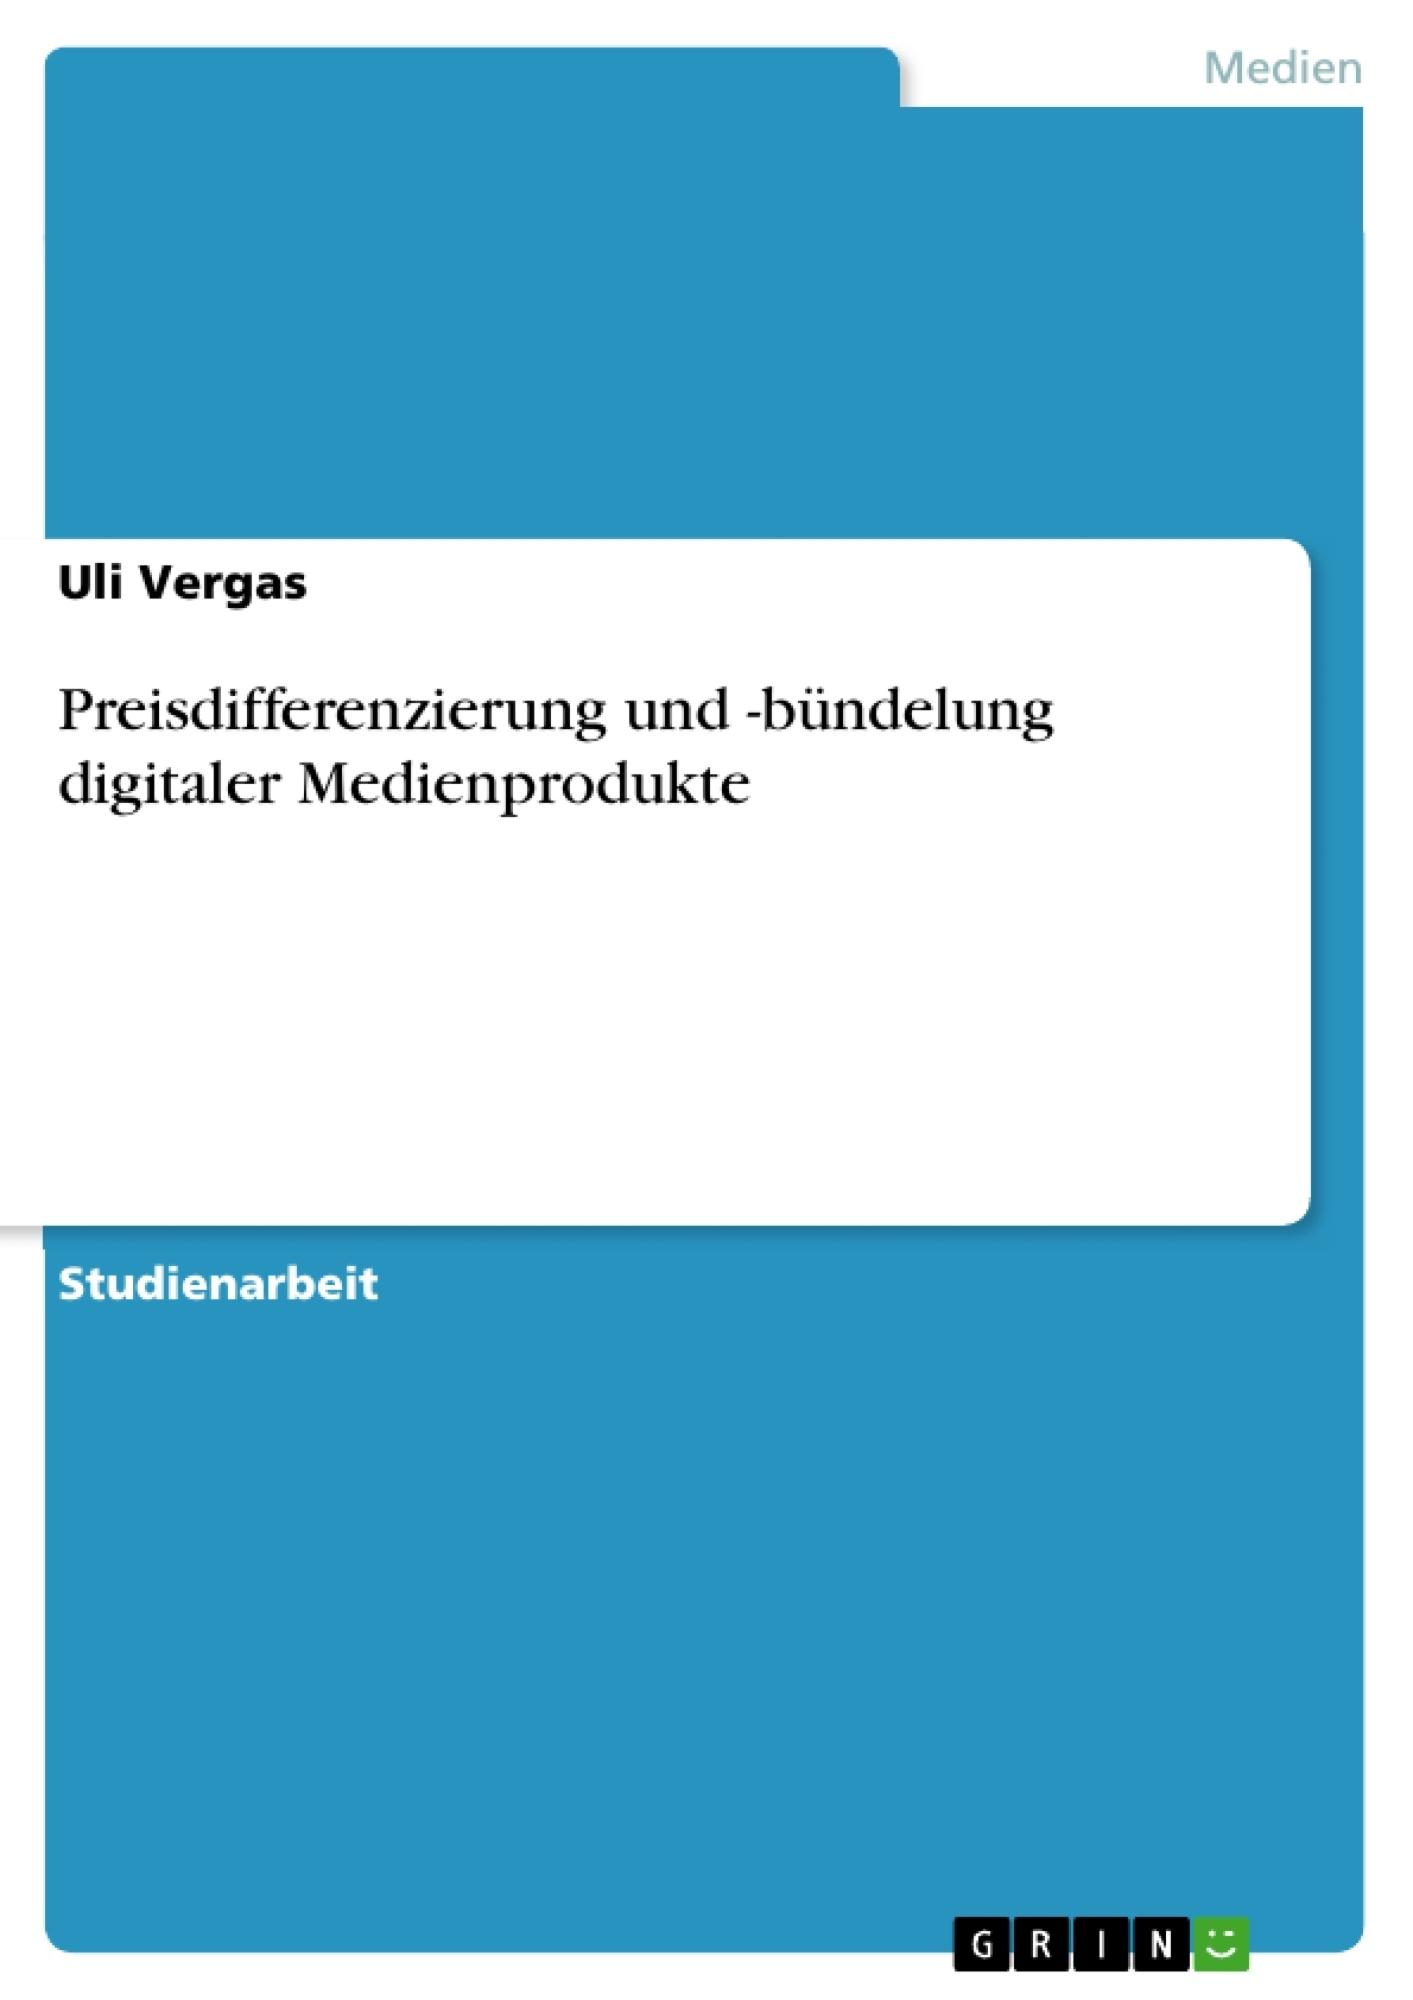 Titel: Preisdifferenzierung und -bündelung digitaler Medienprodukte